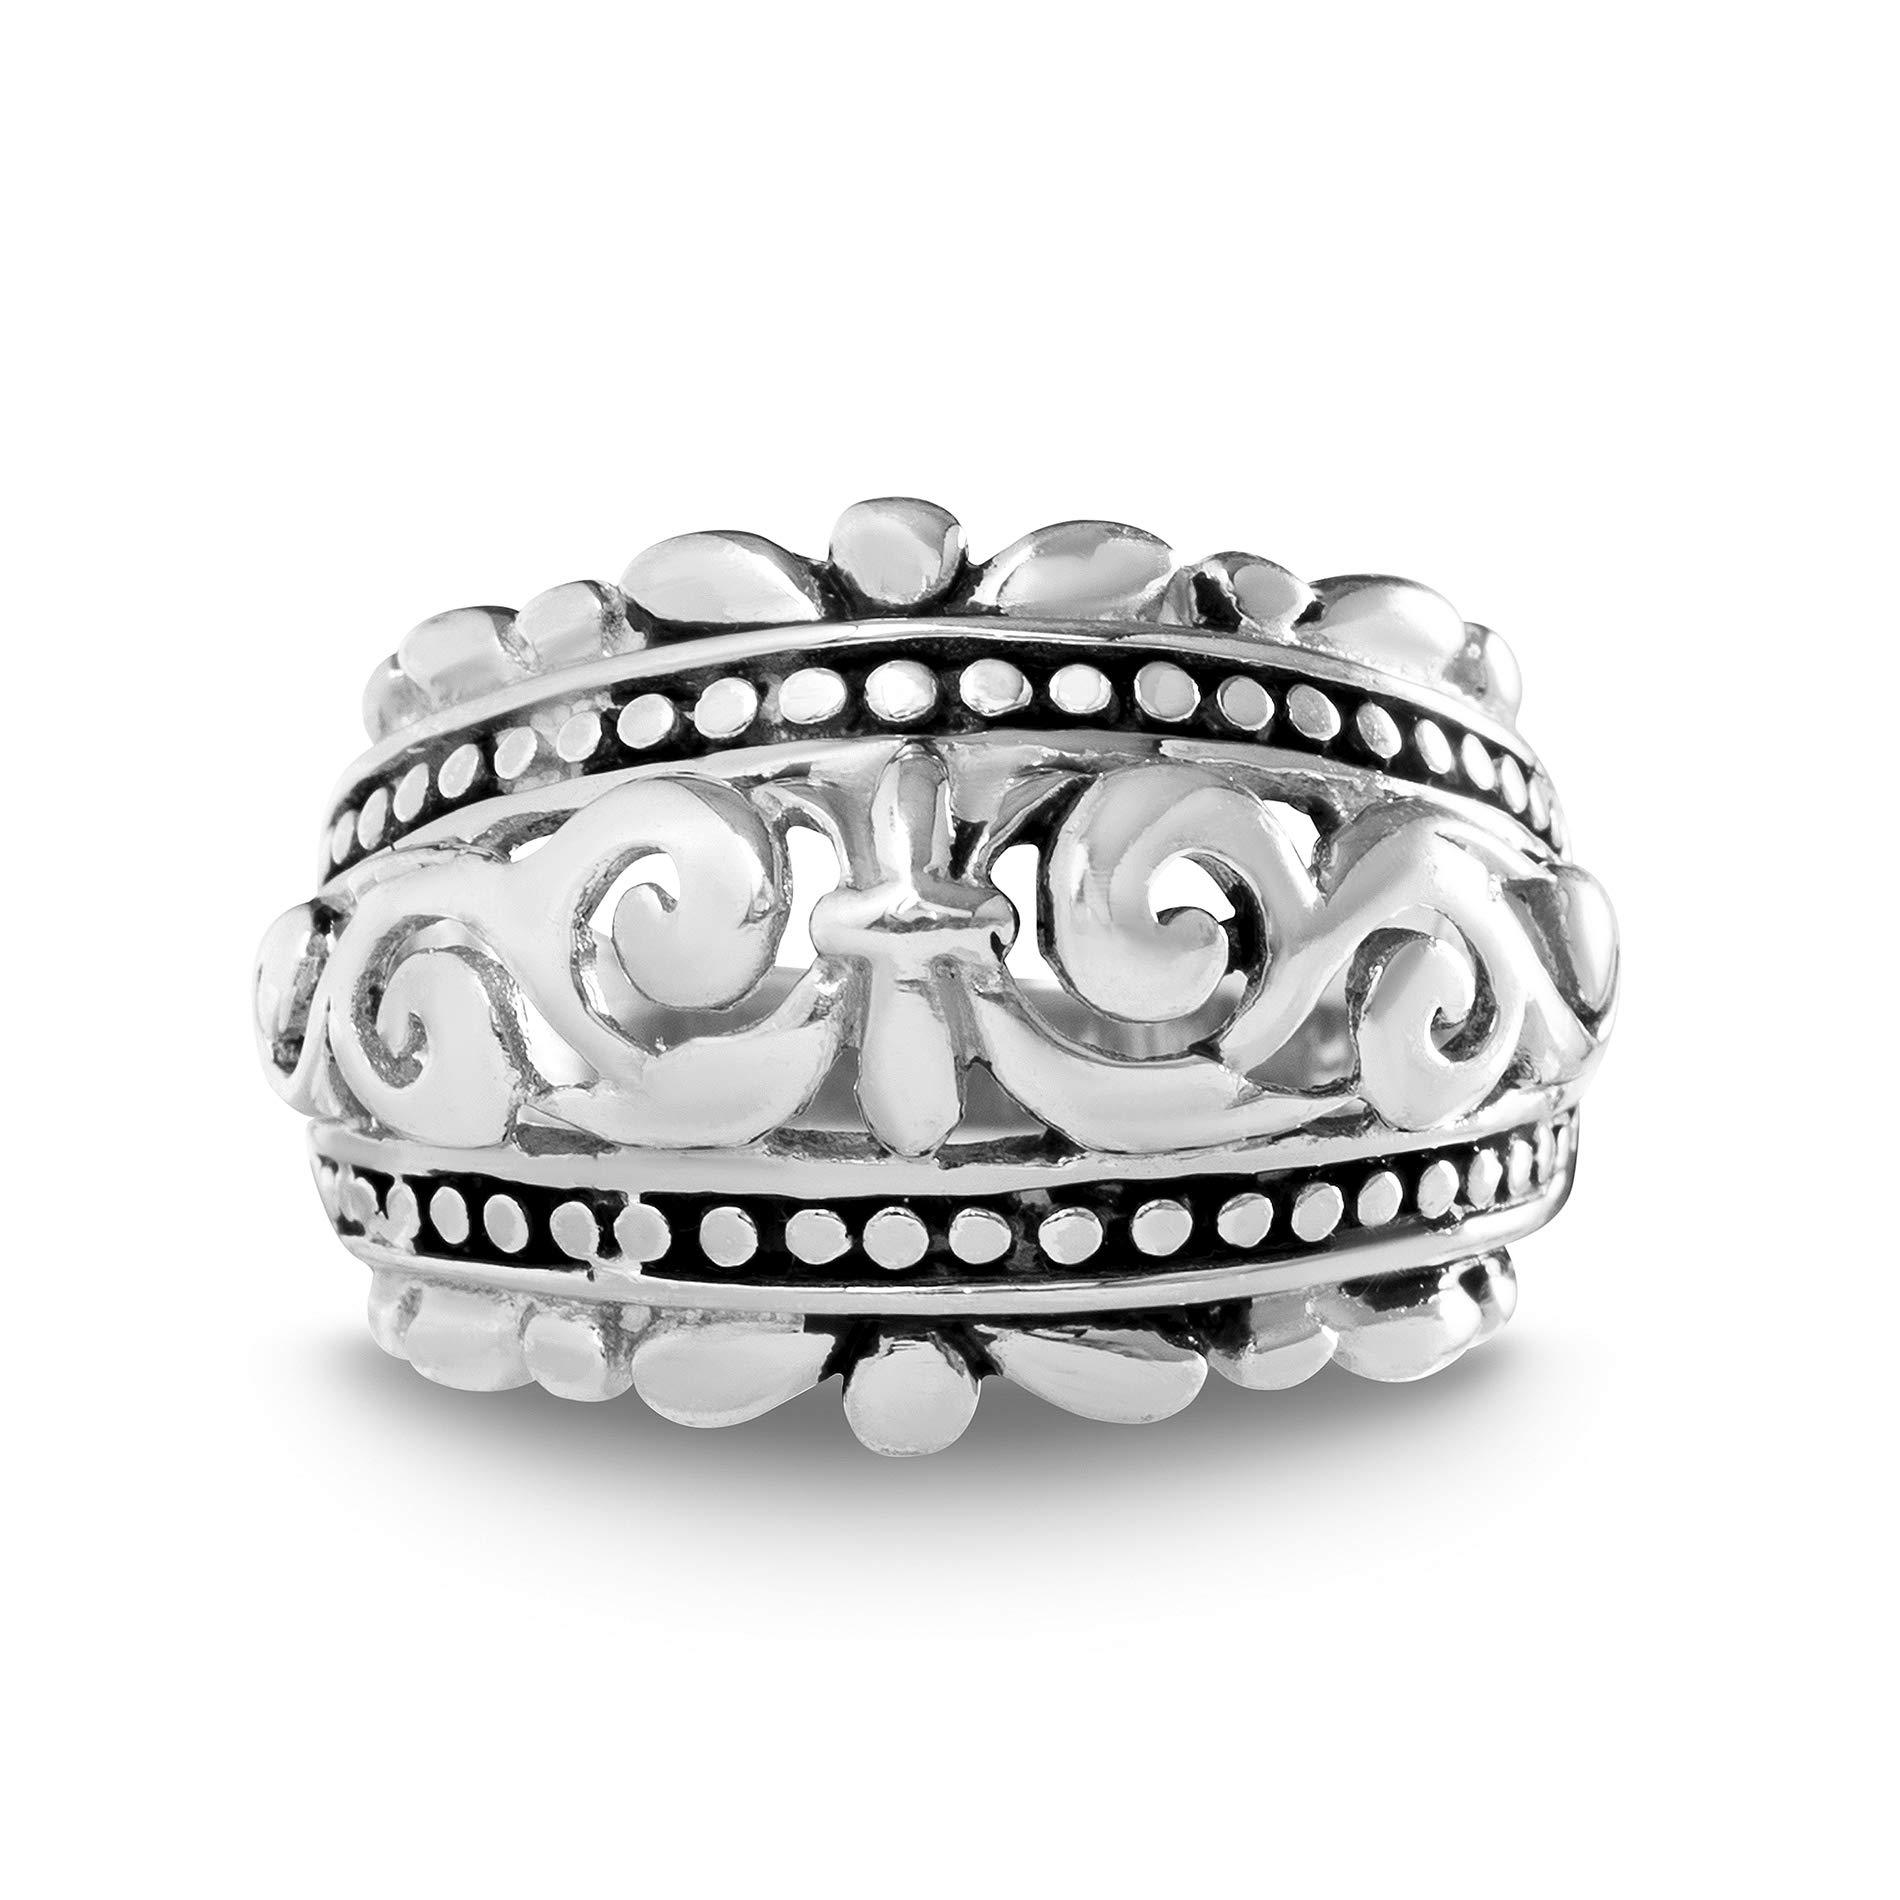 WILLOWBIRD Oxidized Sterling Silver Fleur De Lis Beaded Filigree Ring for Women (Various Sizes)